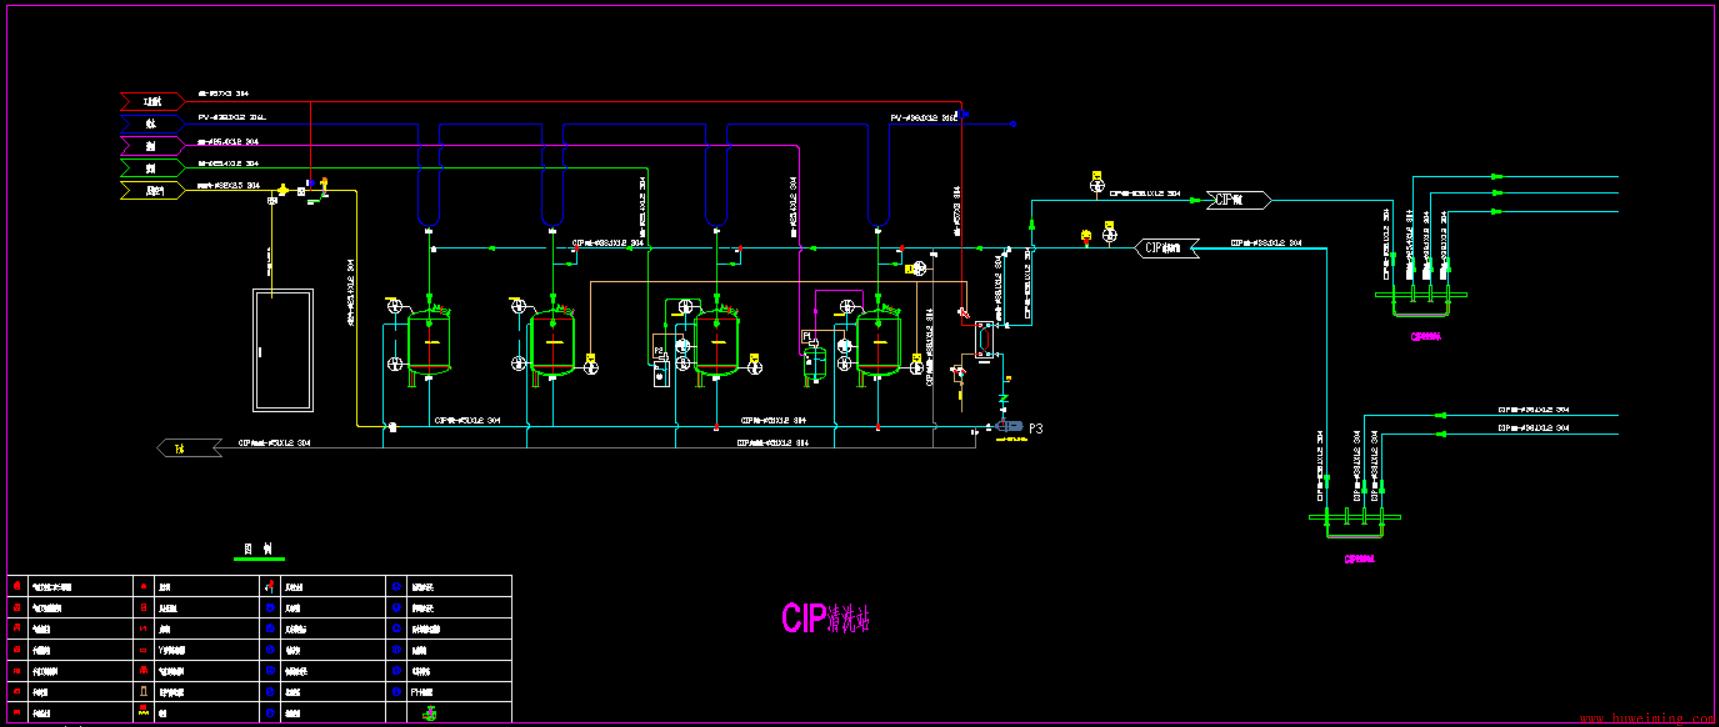 全自动CIP PID.png